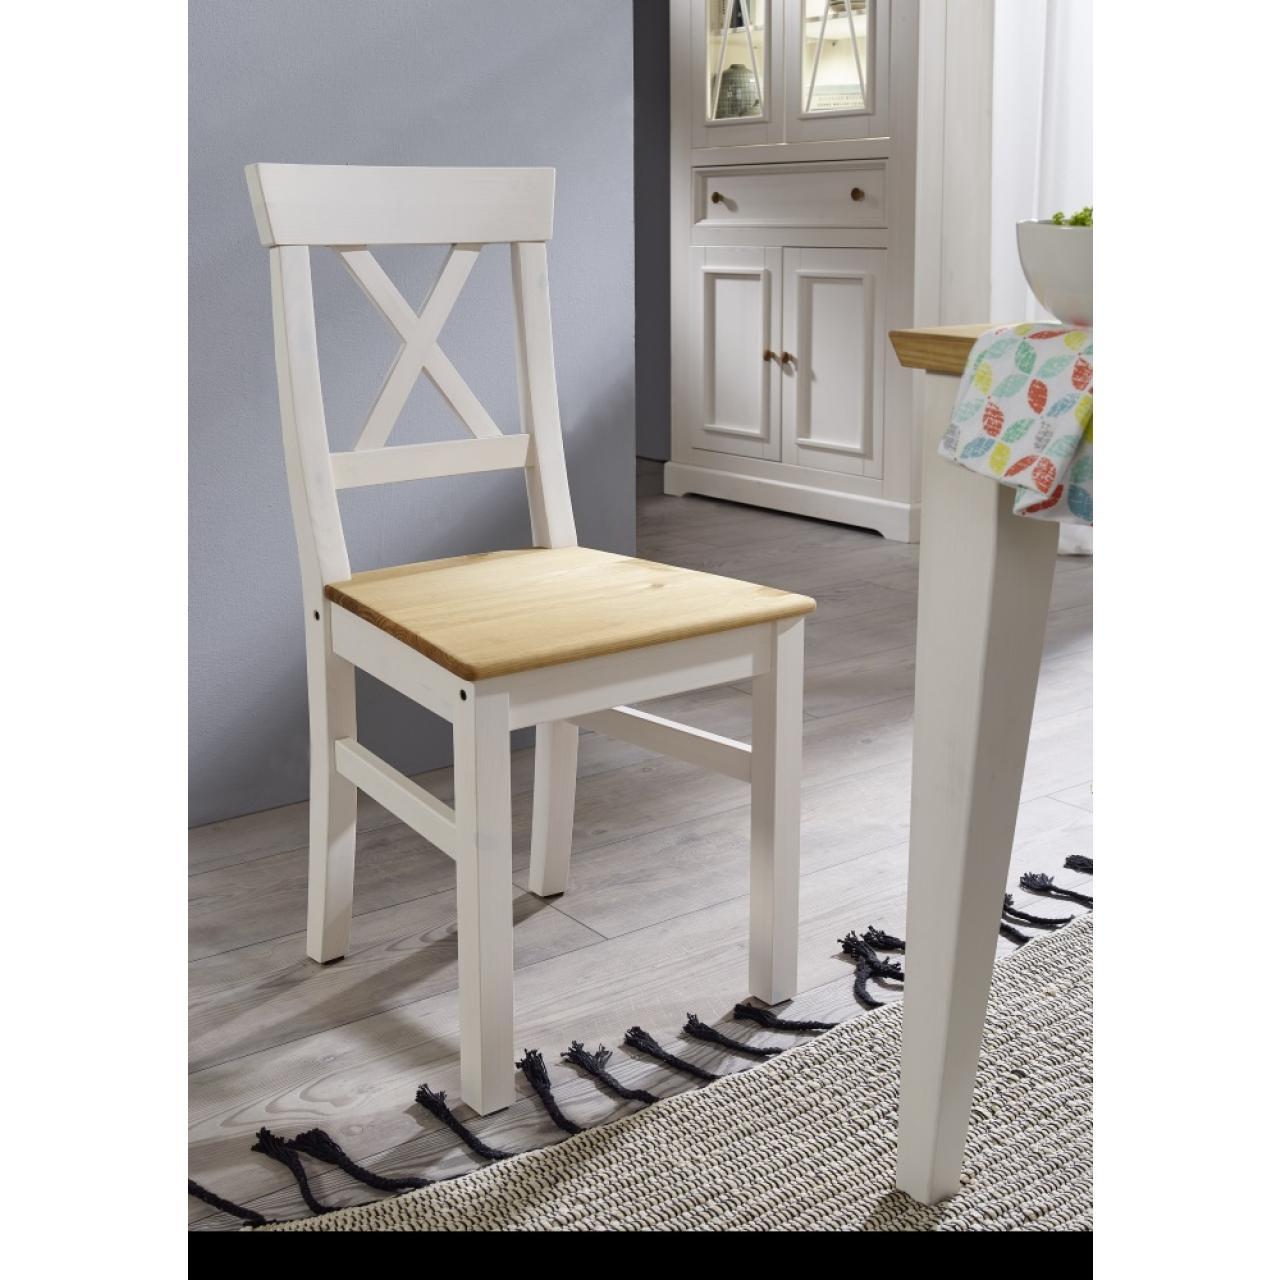 Stuhl WZ-0133 Weiß Eichenfarbig Kiefer Massiv Küchenstuhl Esszimmer